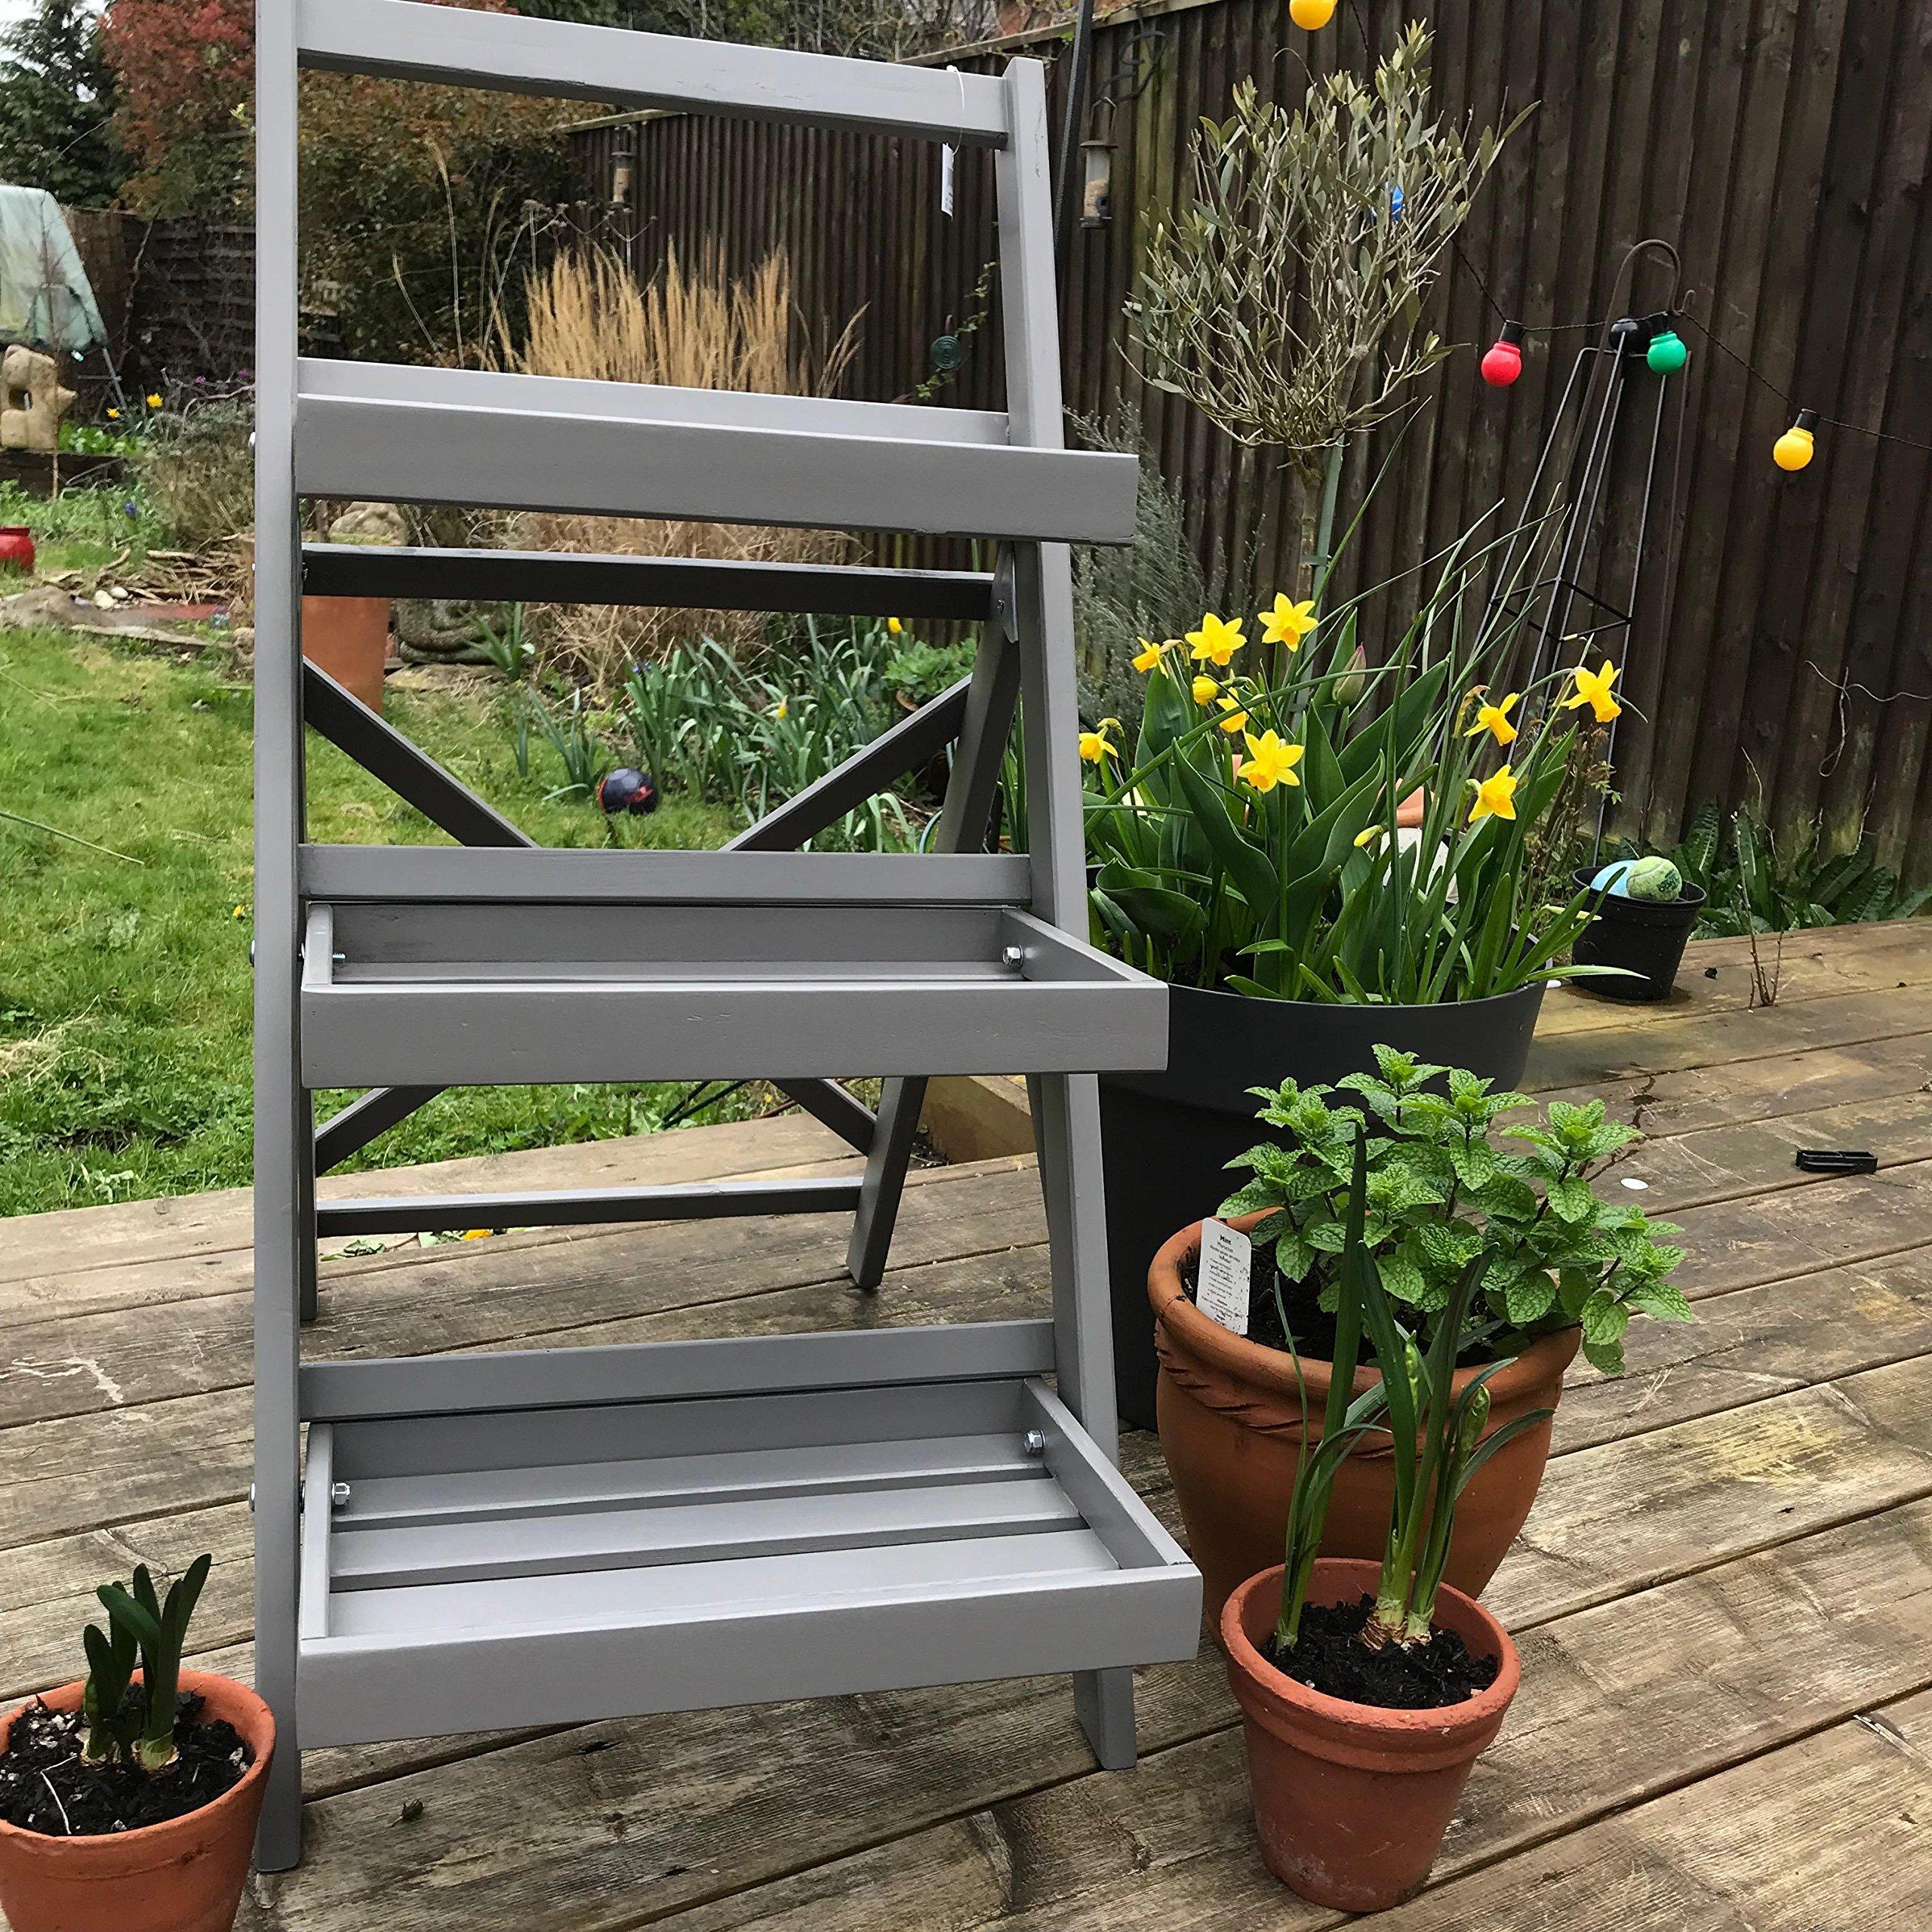 Tobs - Escalera para plantas, color gris toscano: Amazon.es: Jardín